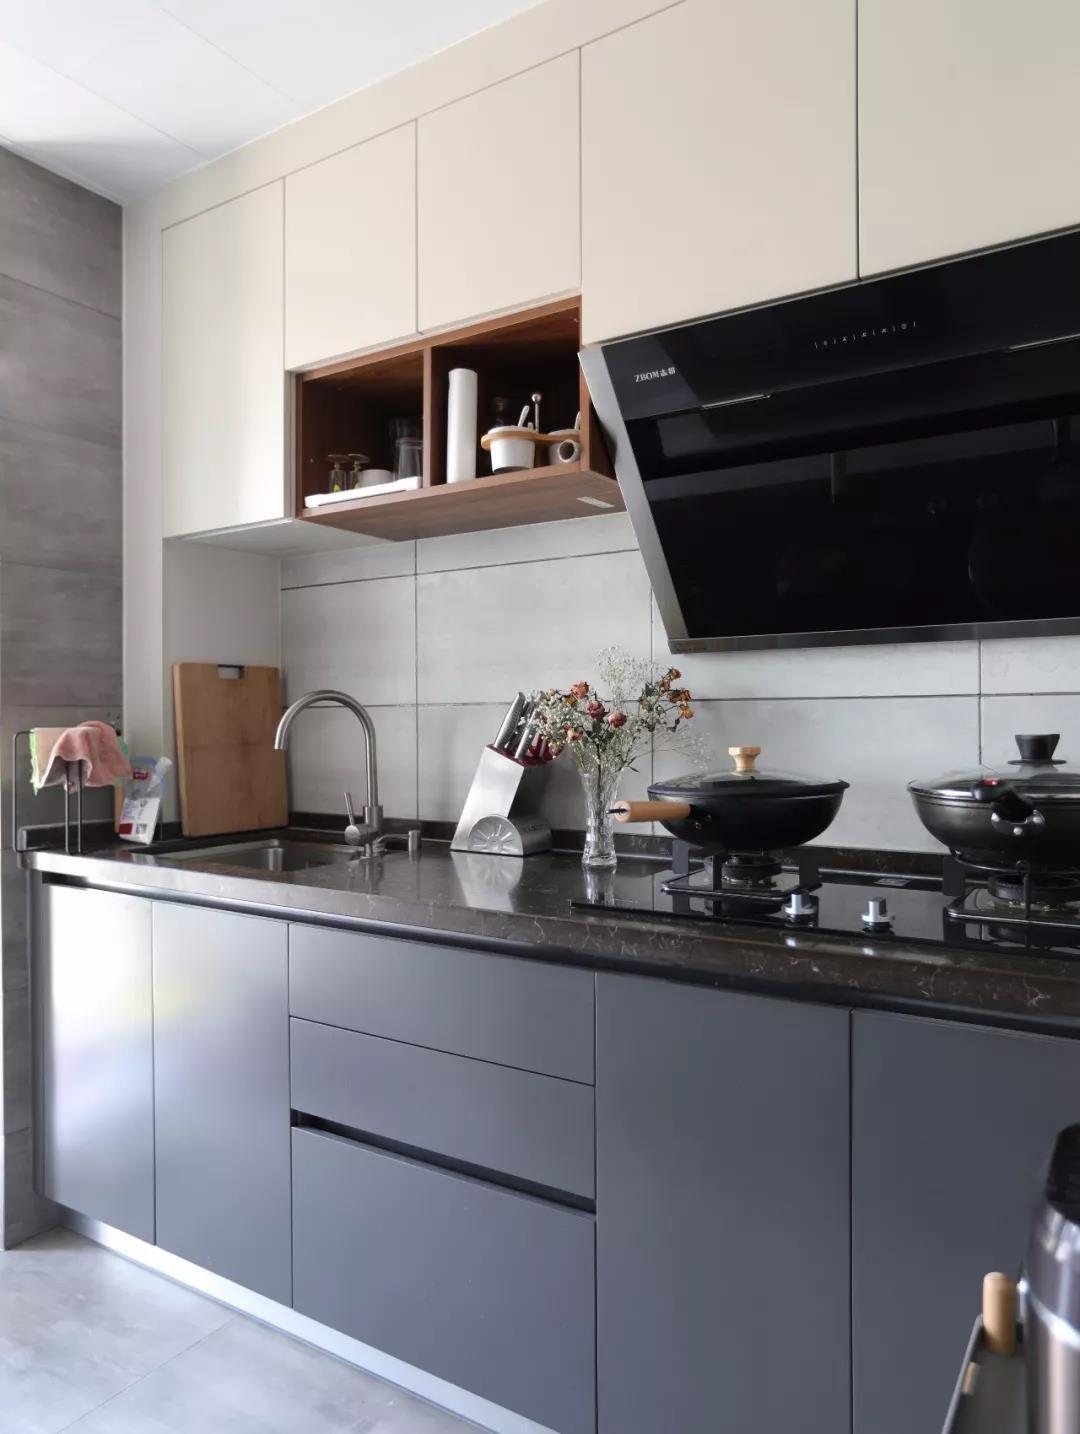 2021中式厨房装修图 2021中式灶台装修图片